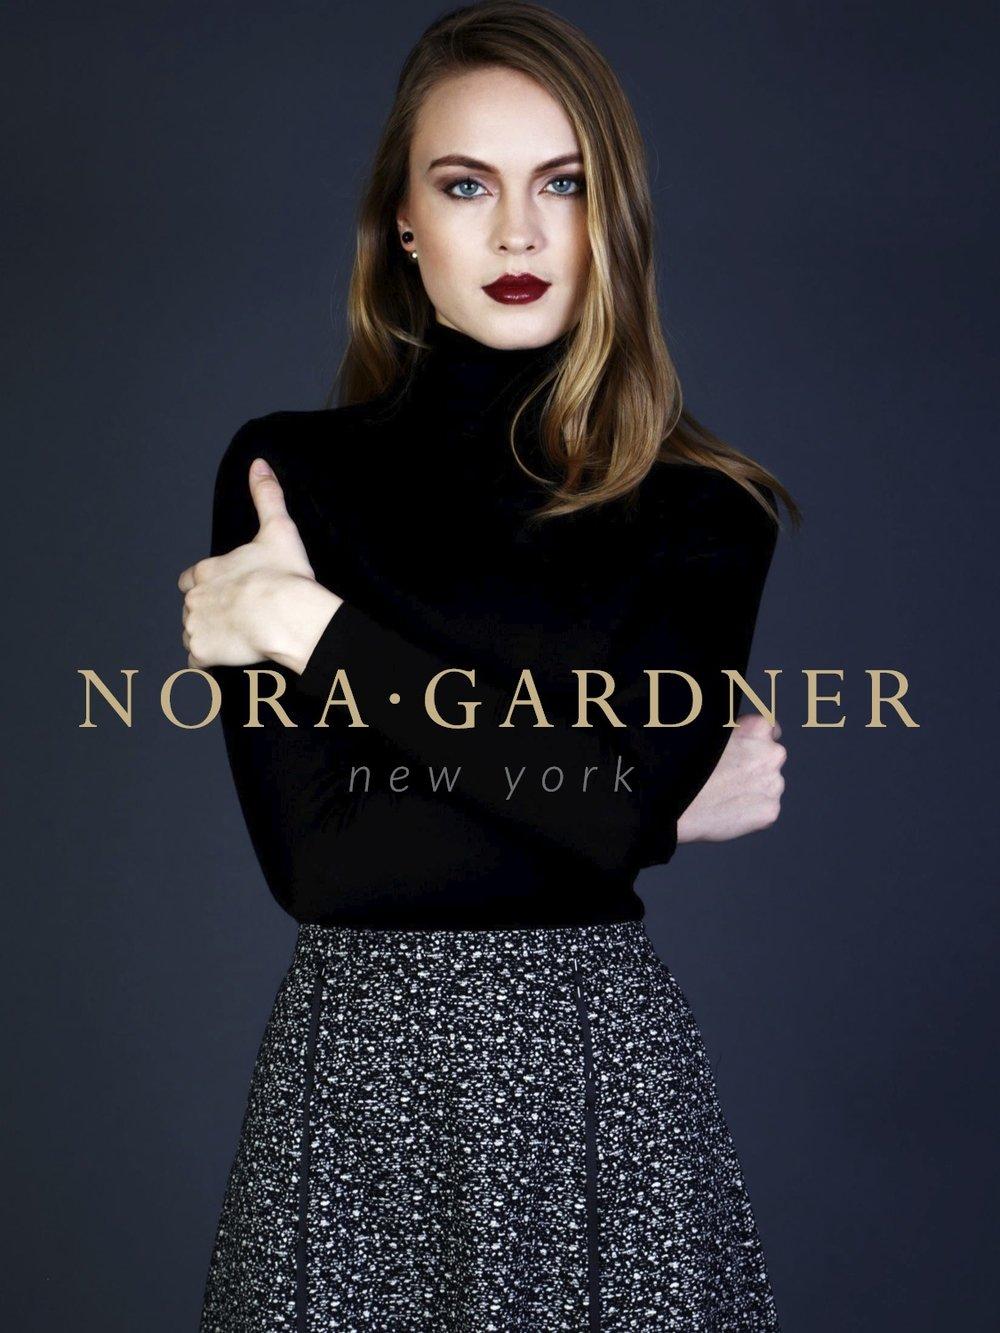 Nora Gardner NYC